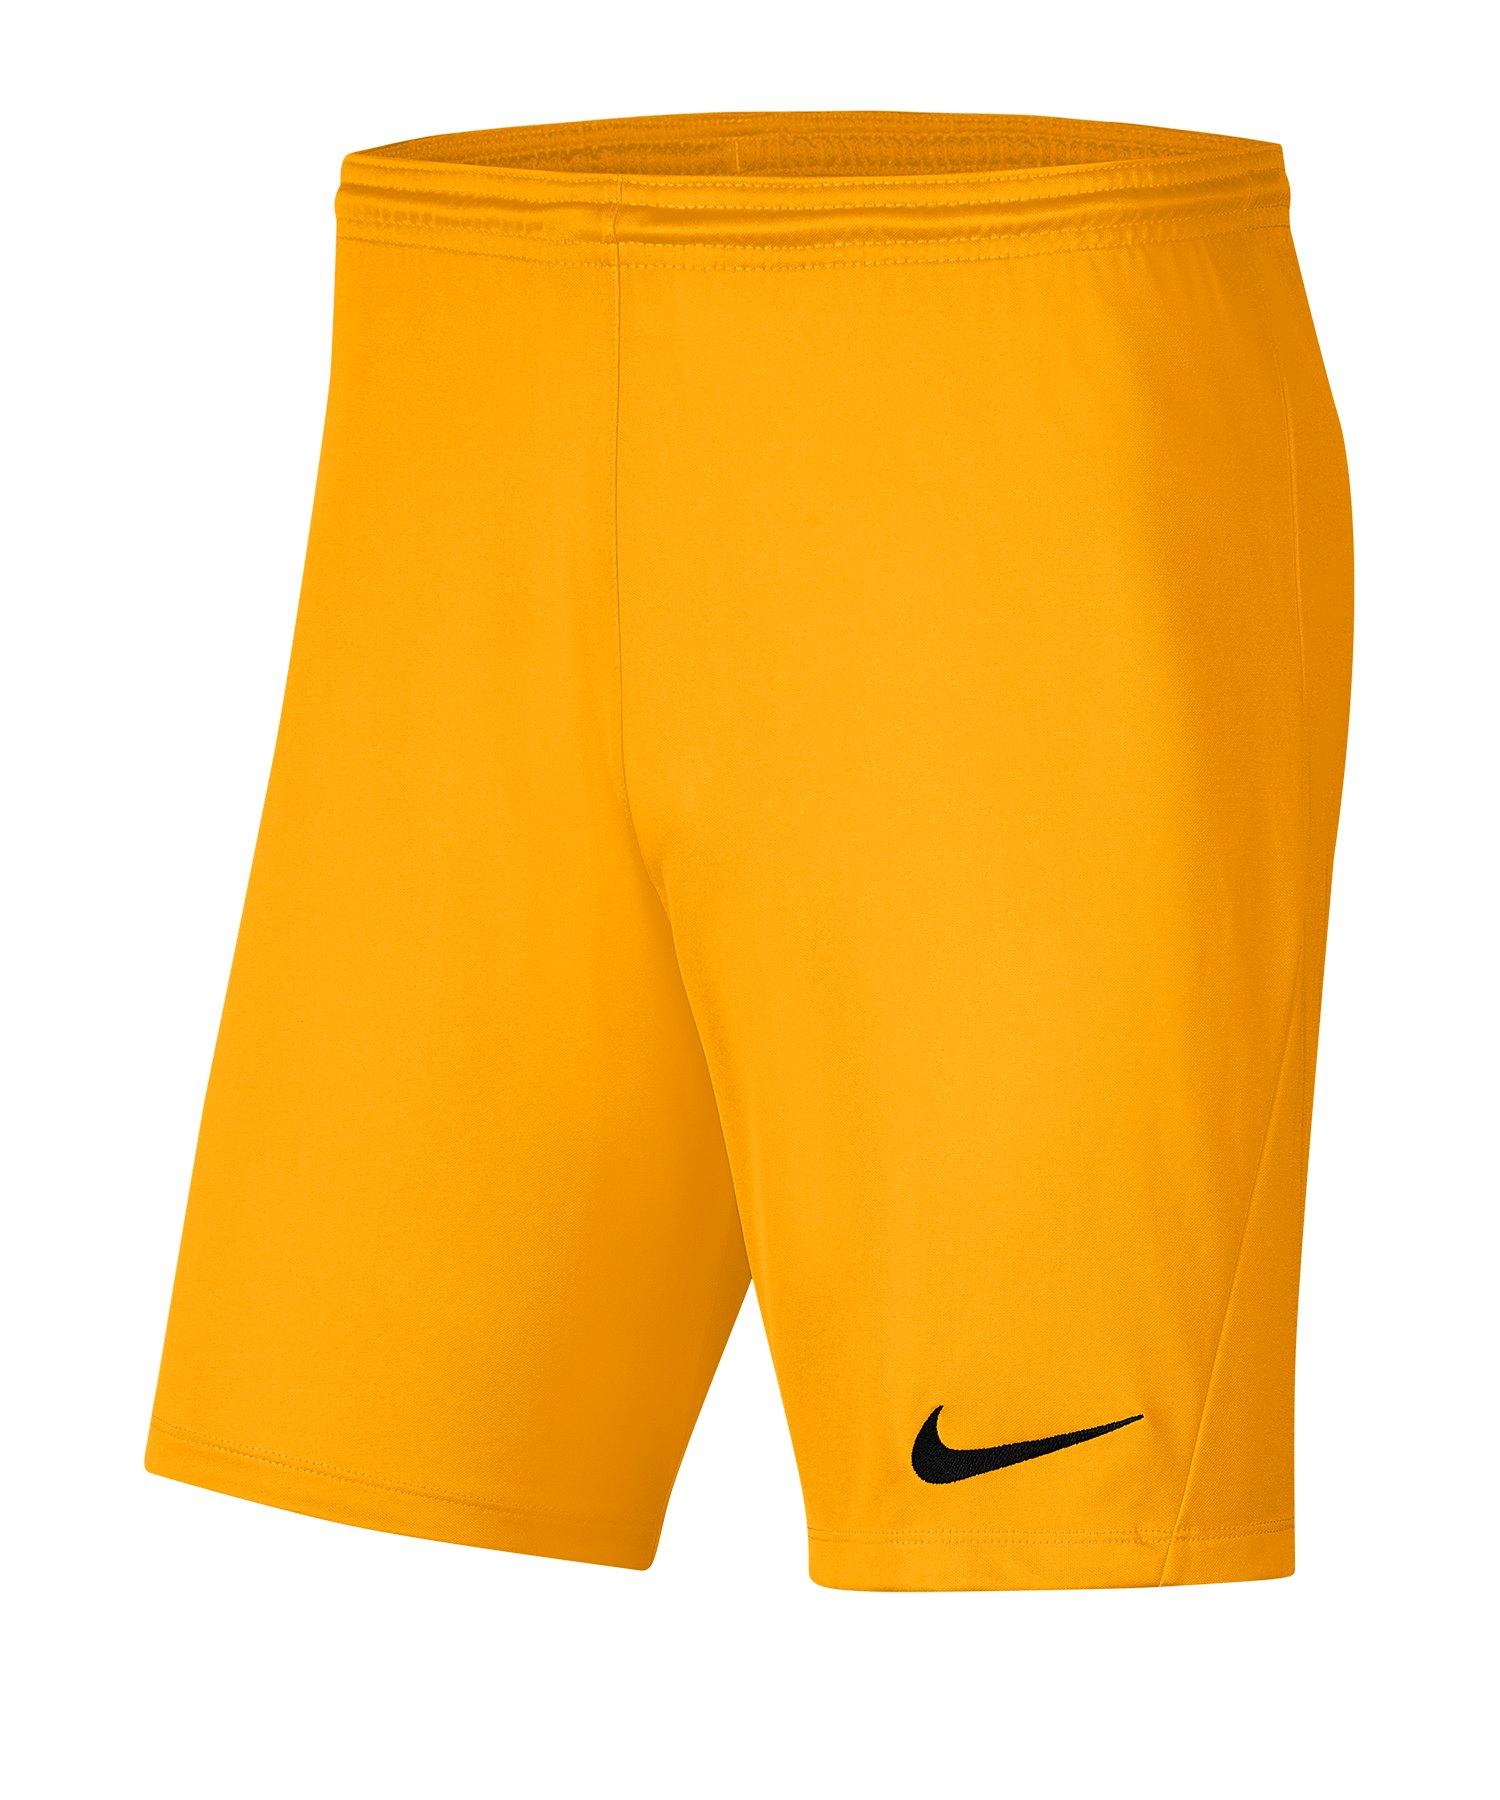 Nike Park III Short Kids Gelb F739 - gelb